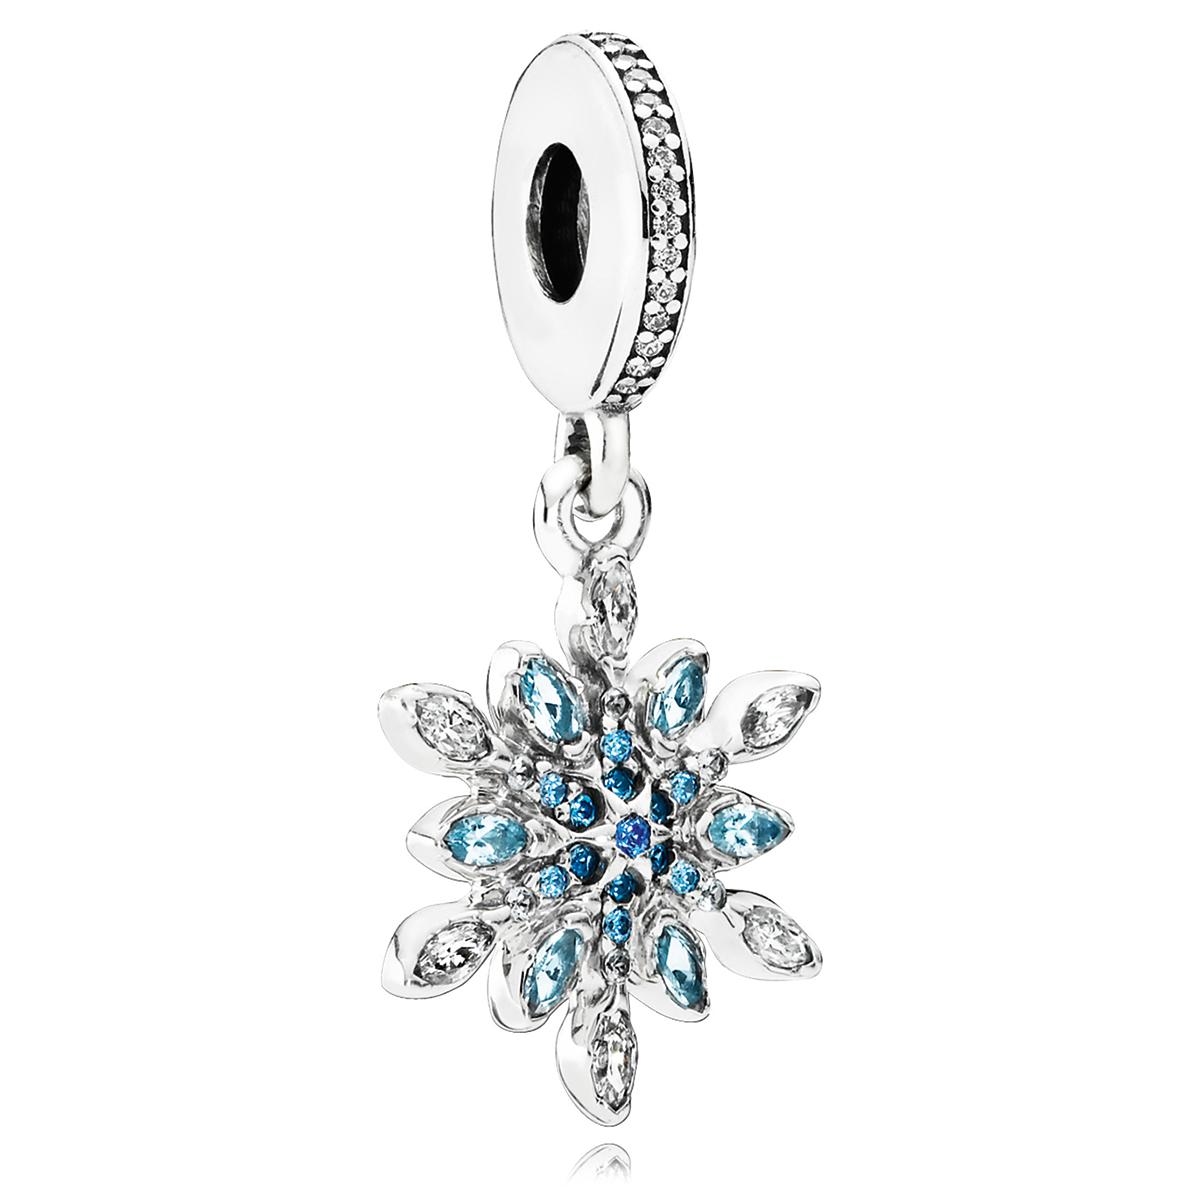 PANDORA Crystalized Snowflake Dangle Charm - Pancharmbracelets.com